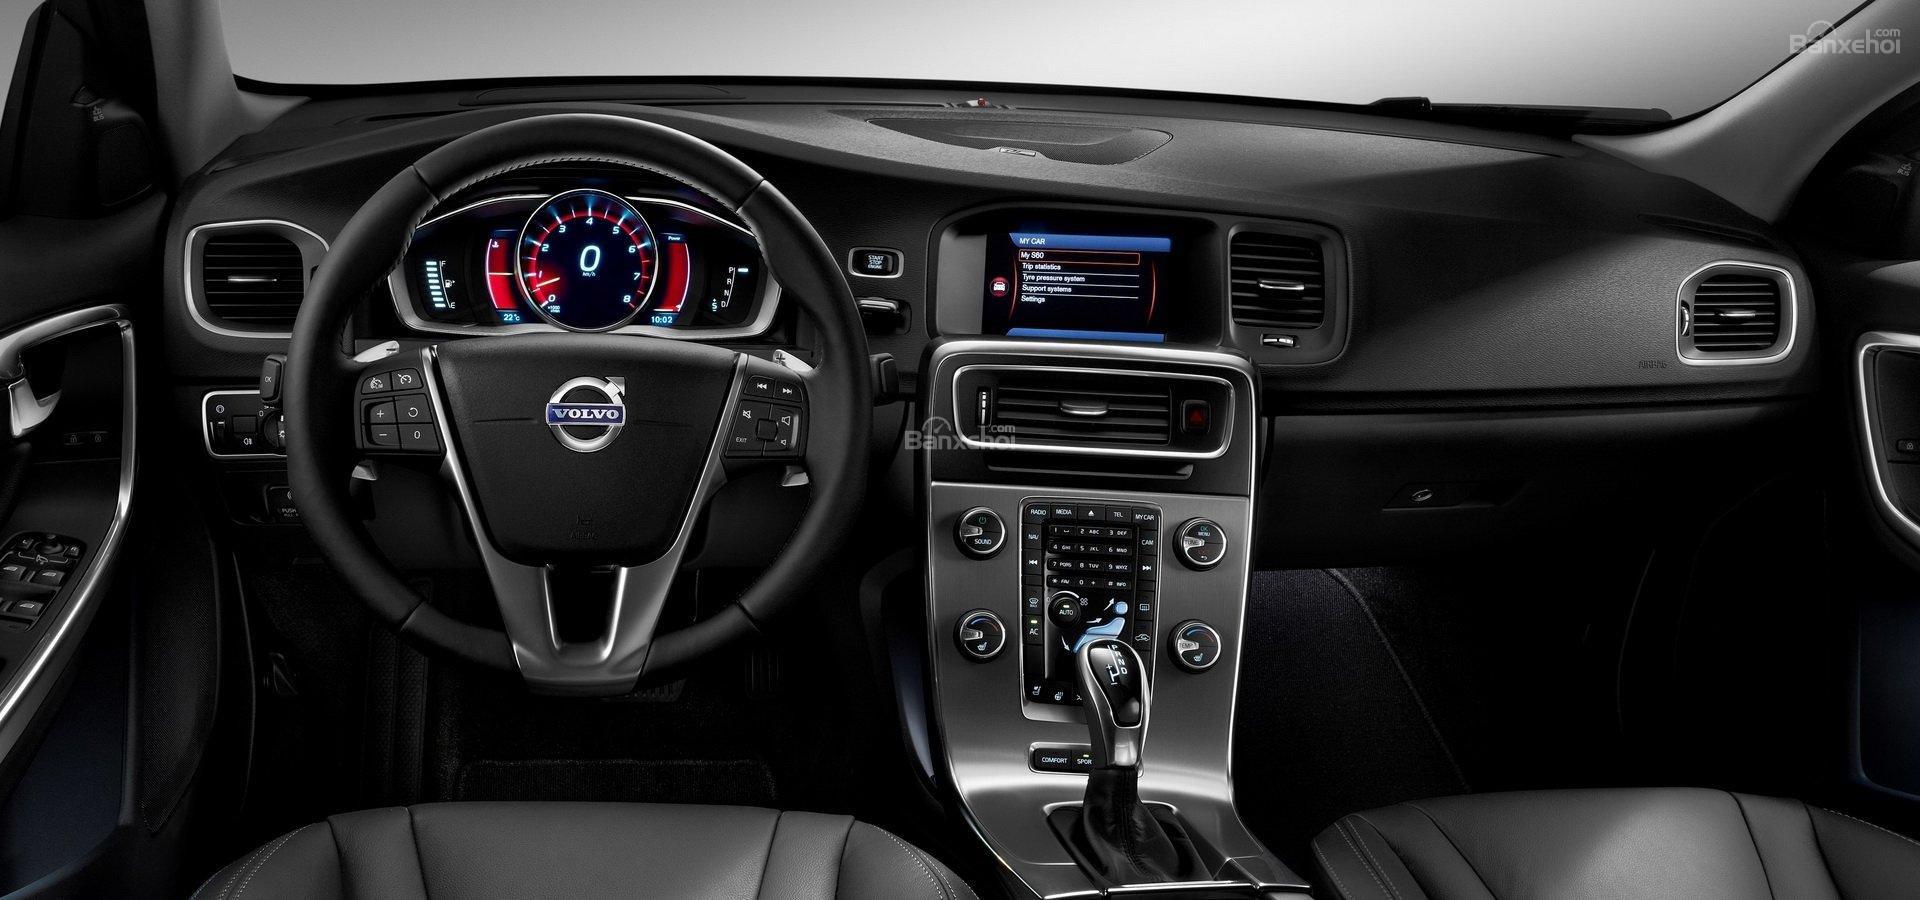 So sánh Volvo S60 2019 thế hệ mới và cũ về thiết kế nội thất 2a